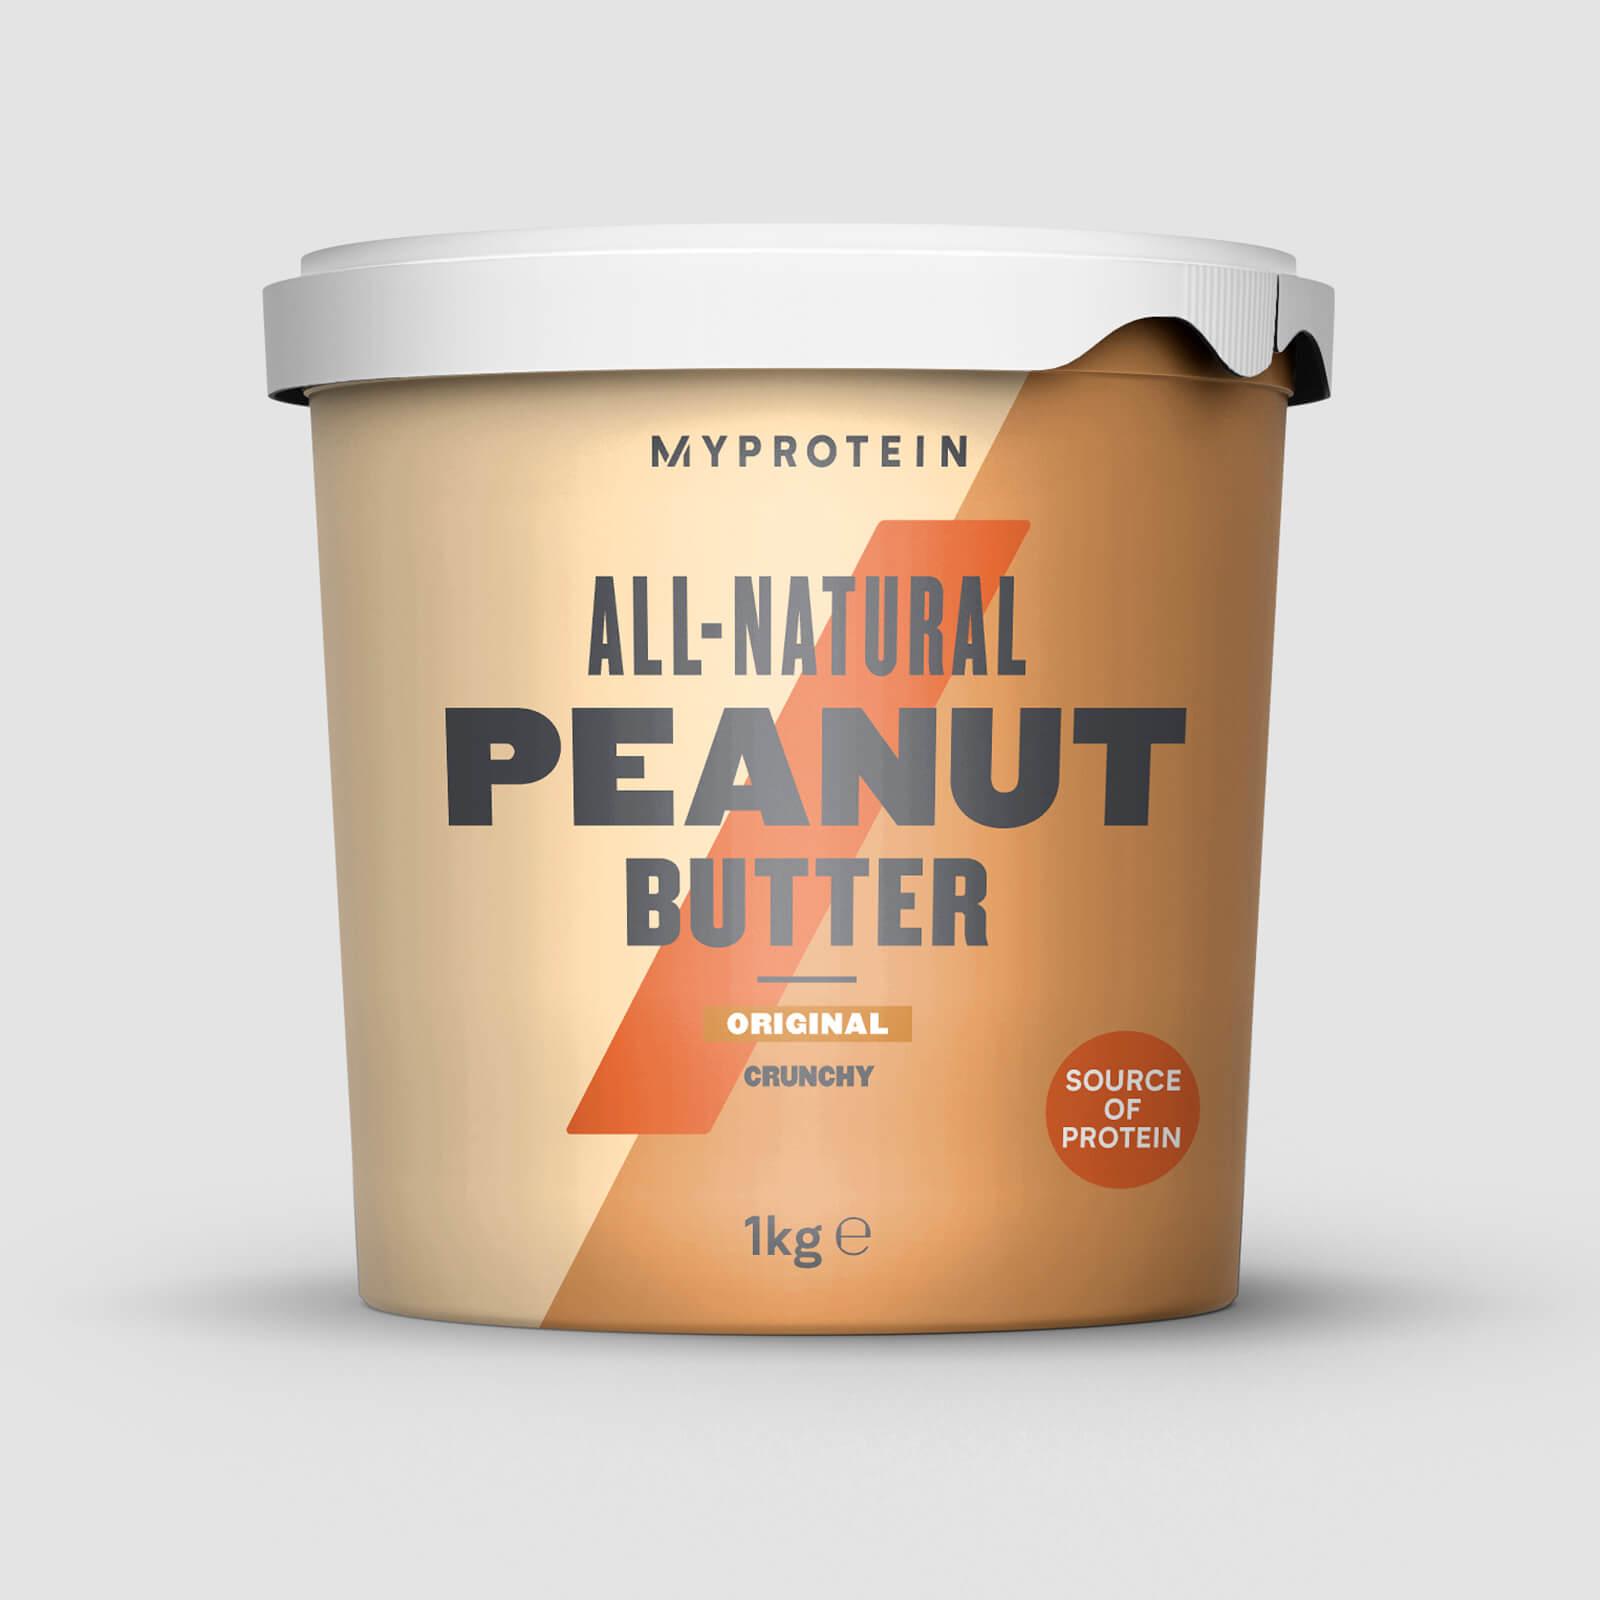 Myprotein Portugal: z.B. 1kg Erdnussbutter für 4,21€ | 1kg Mandelbutter für 10,38€ | 5kg Whey für 37,68€ | 3,99€ Versand unter 50€